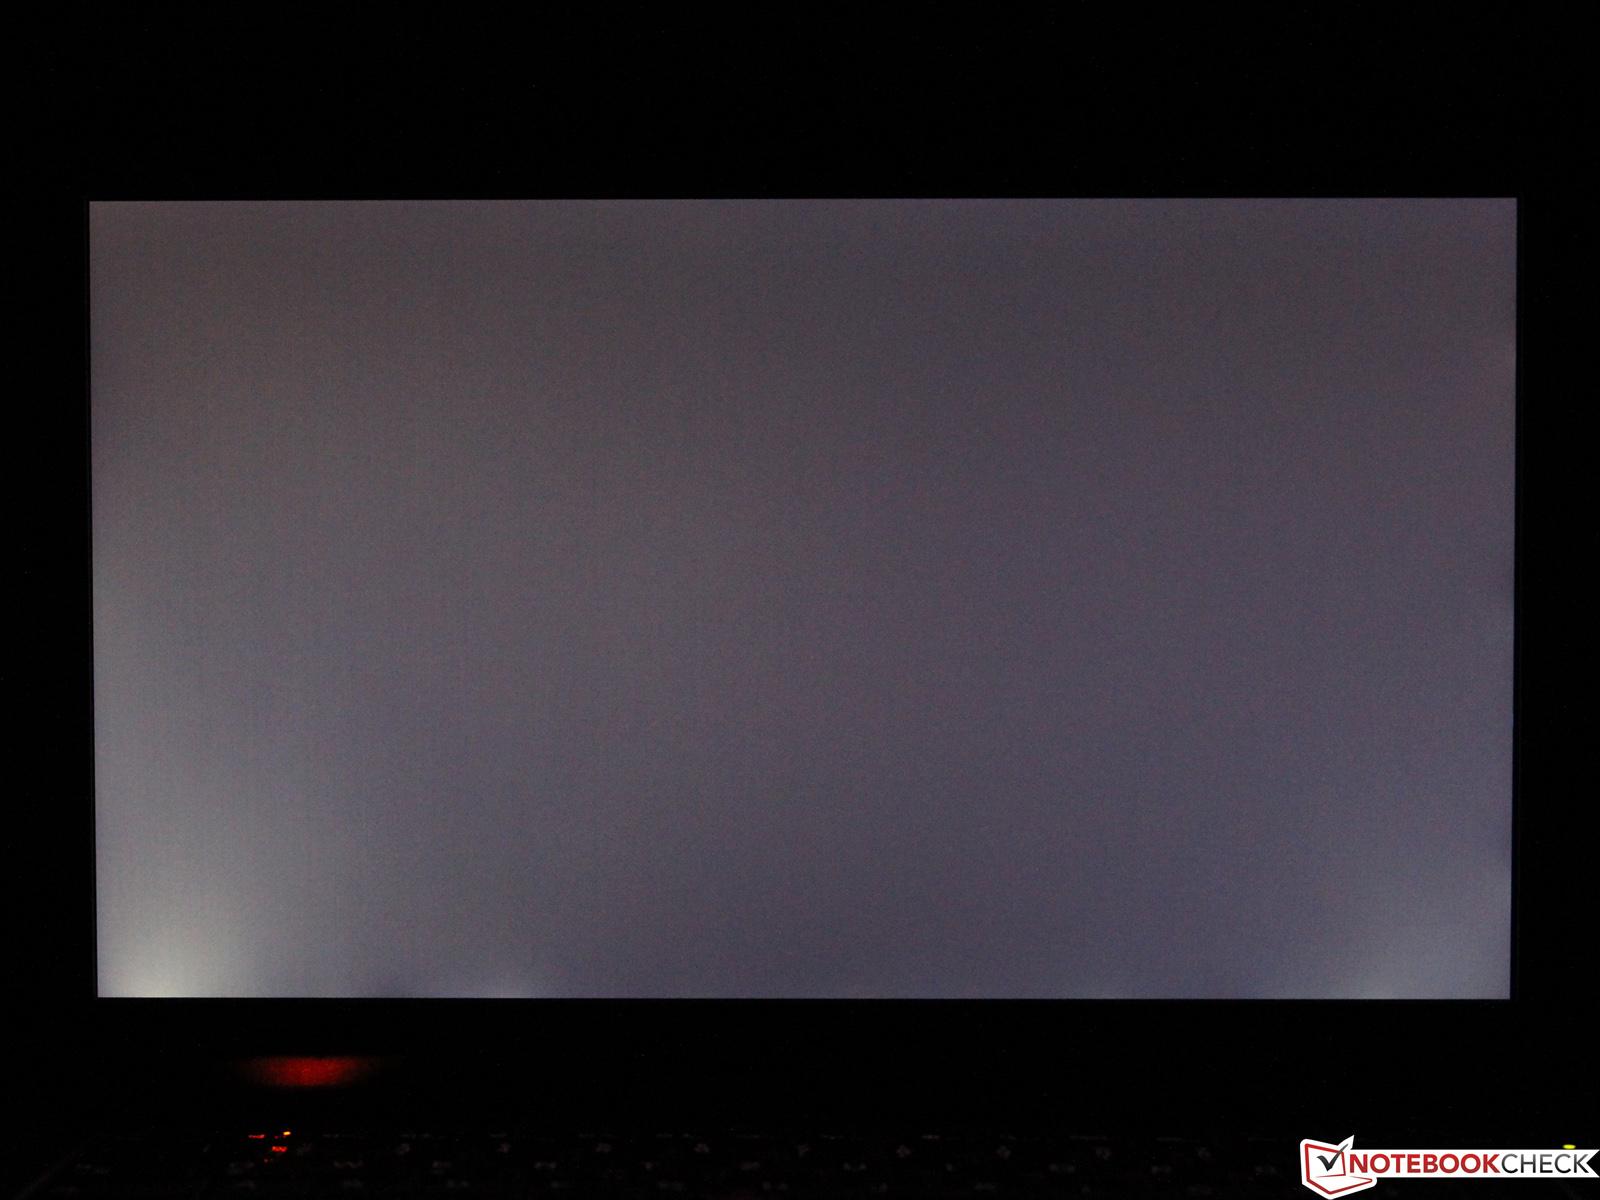 Buy Lenovo Thinkpad X250 Core I5 5th Gen 4gb 500gb Hdd Used Online Yoga 12 5300u Black 360 Degree Brightness Distribution